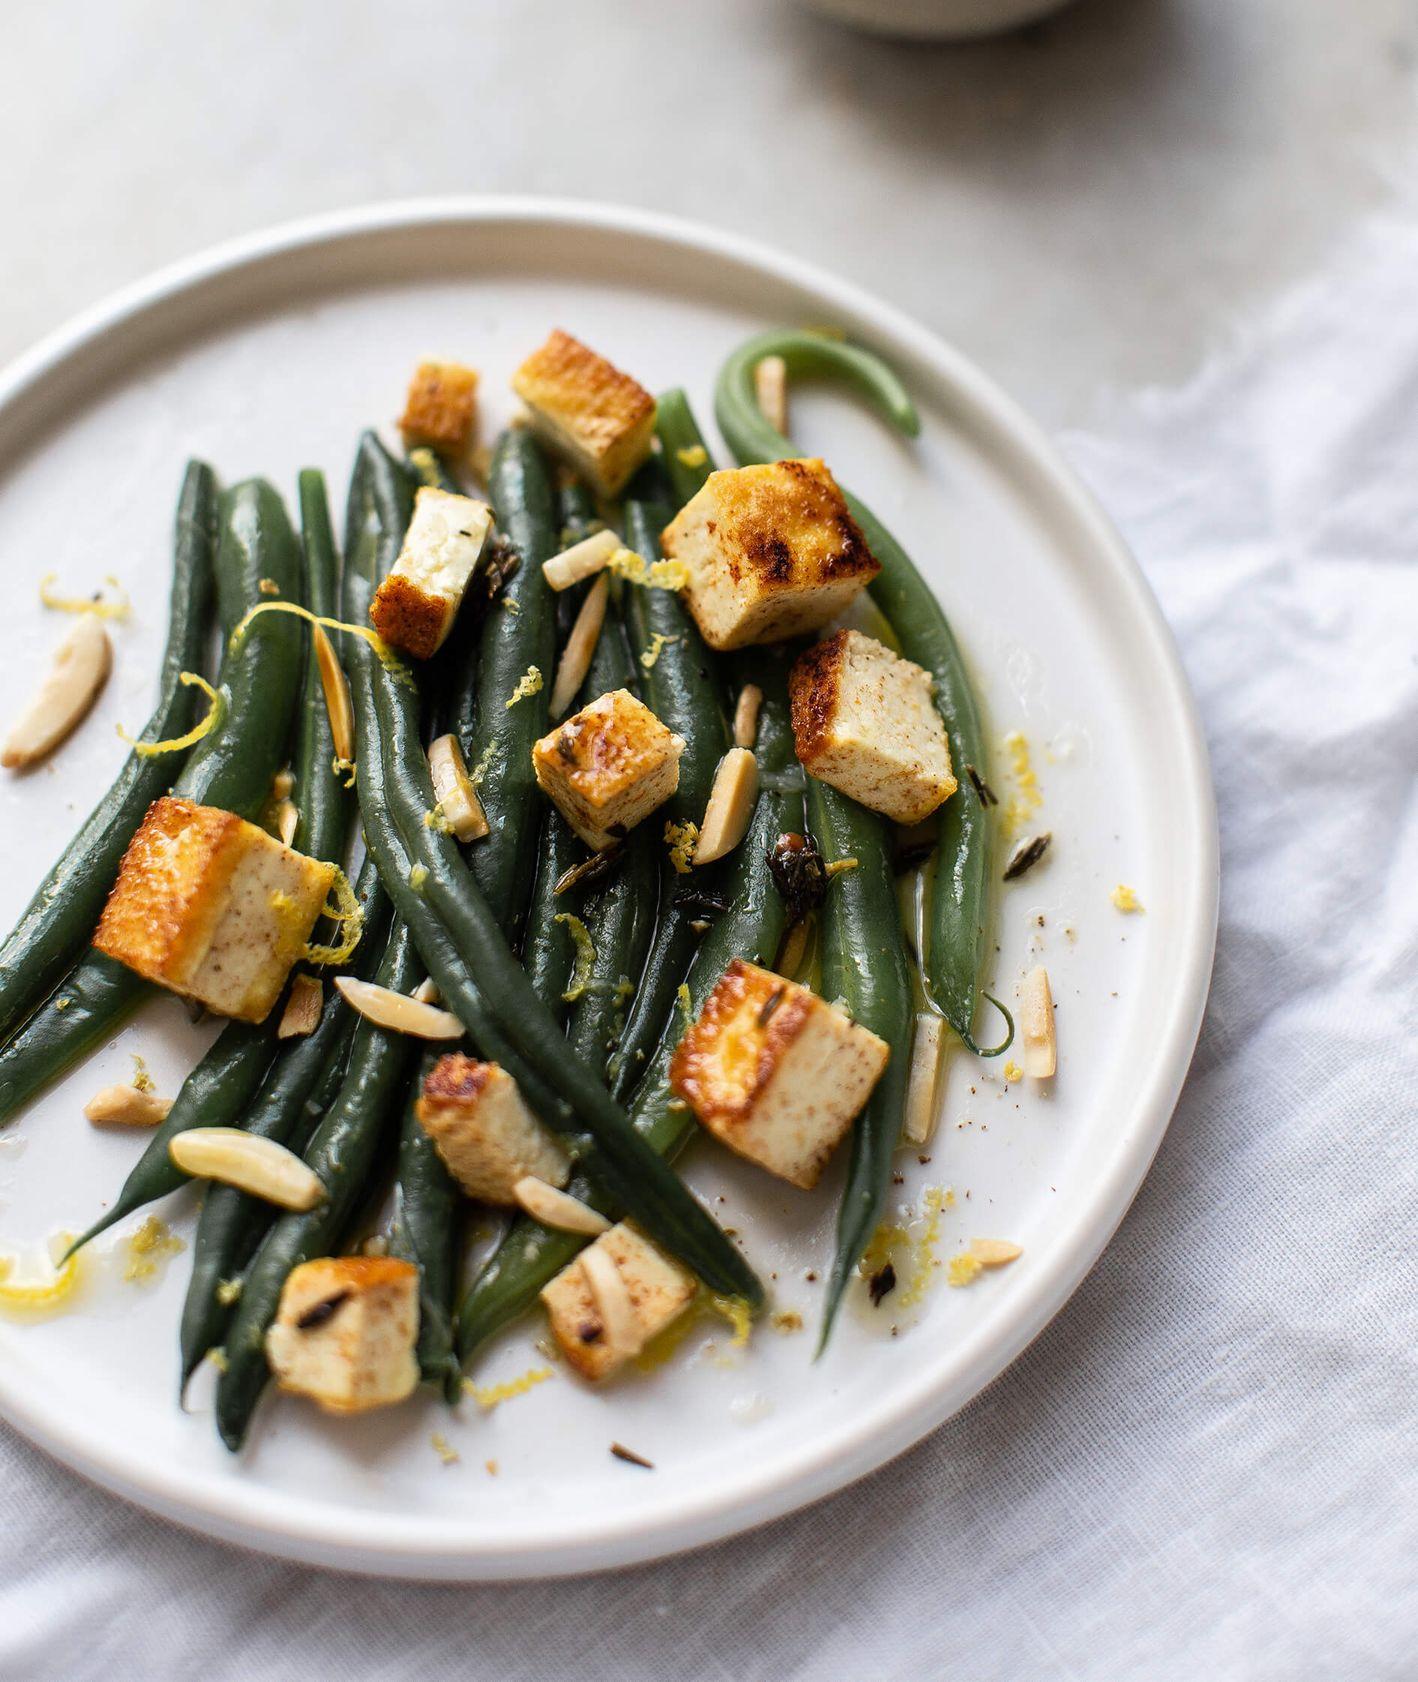 Przepis na szybką sałatkę z tofu w sam raz na lunch do pracy (fot. Ula Demczuk)